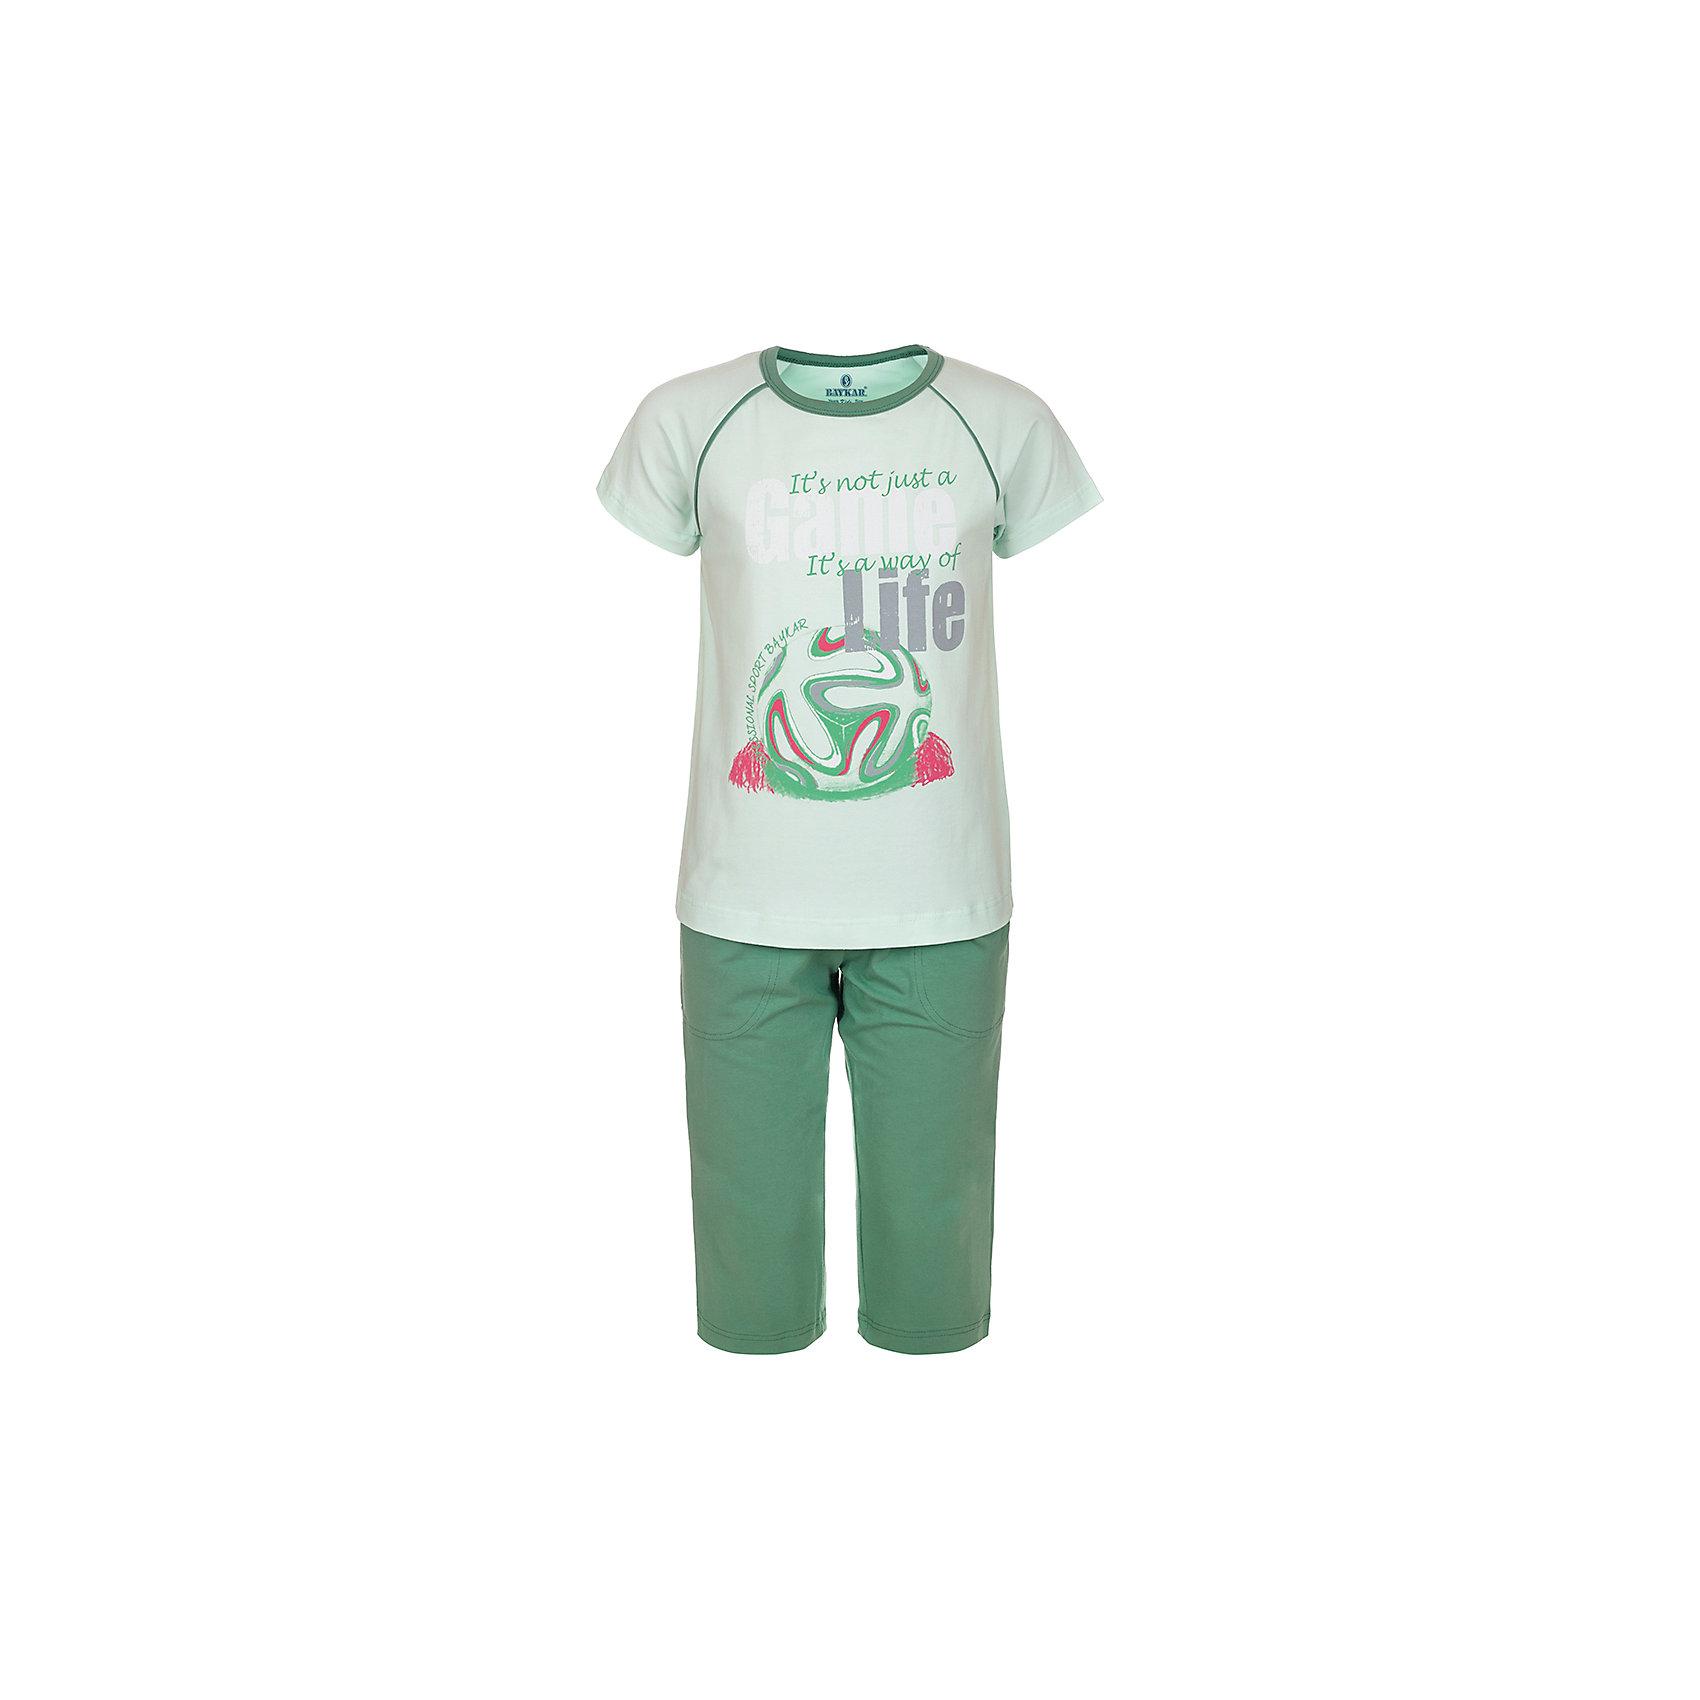 Пижама для мальчика BaykarПижамы и сорочки<br>Характеристики товара:<br><br>• цвет: зеленый<br>• состав ткани: 95% хлопок; 5% эластан<br>• комплектация: футболка, шорты<br>• пояс шорт: резинка<br>• сезон: круглый год<br>• страна бренда: Турция<br>• страна изготовитель: Турция<br><br>Качественная пижама для мальчика позволяет обеспечить комфортный сон. Пижама для мальчика Baykar украшена симпатичным принтом.<br><br>Этот комплект для сна из футболки и шорт сделан из мягкого дышащего материала с преобладанием хлопка в составе. Продуманный крой обеспечивает комфортную посадку. <br><br>Пижаму для мальчика Baykar (Байкар) можно купить в нашем интернет-магазине.<br><br>Ширина мм: 281<br>Глубина мм: 70<br>Высота мм: 188<br>Вес г: 295<br>Цвет: зеленый<br>Возраст от месяцев: 108<br>Возраст до месяцев: 120<br>Пол: Мужской<br>Возраст: Детский<br>Размер: 134/140,140/146,122/128,128/134<br>SKU: 6764906